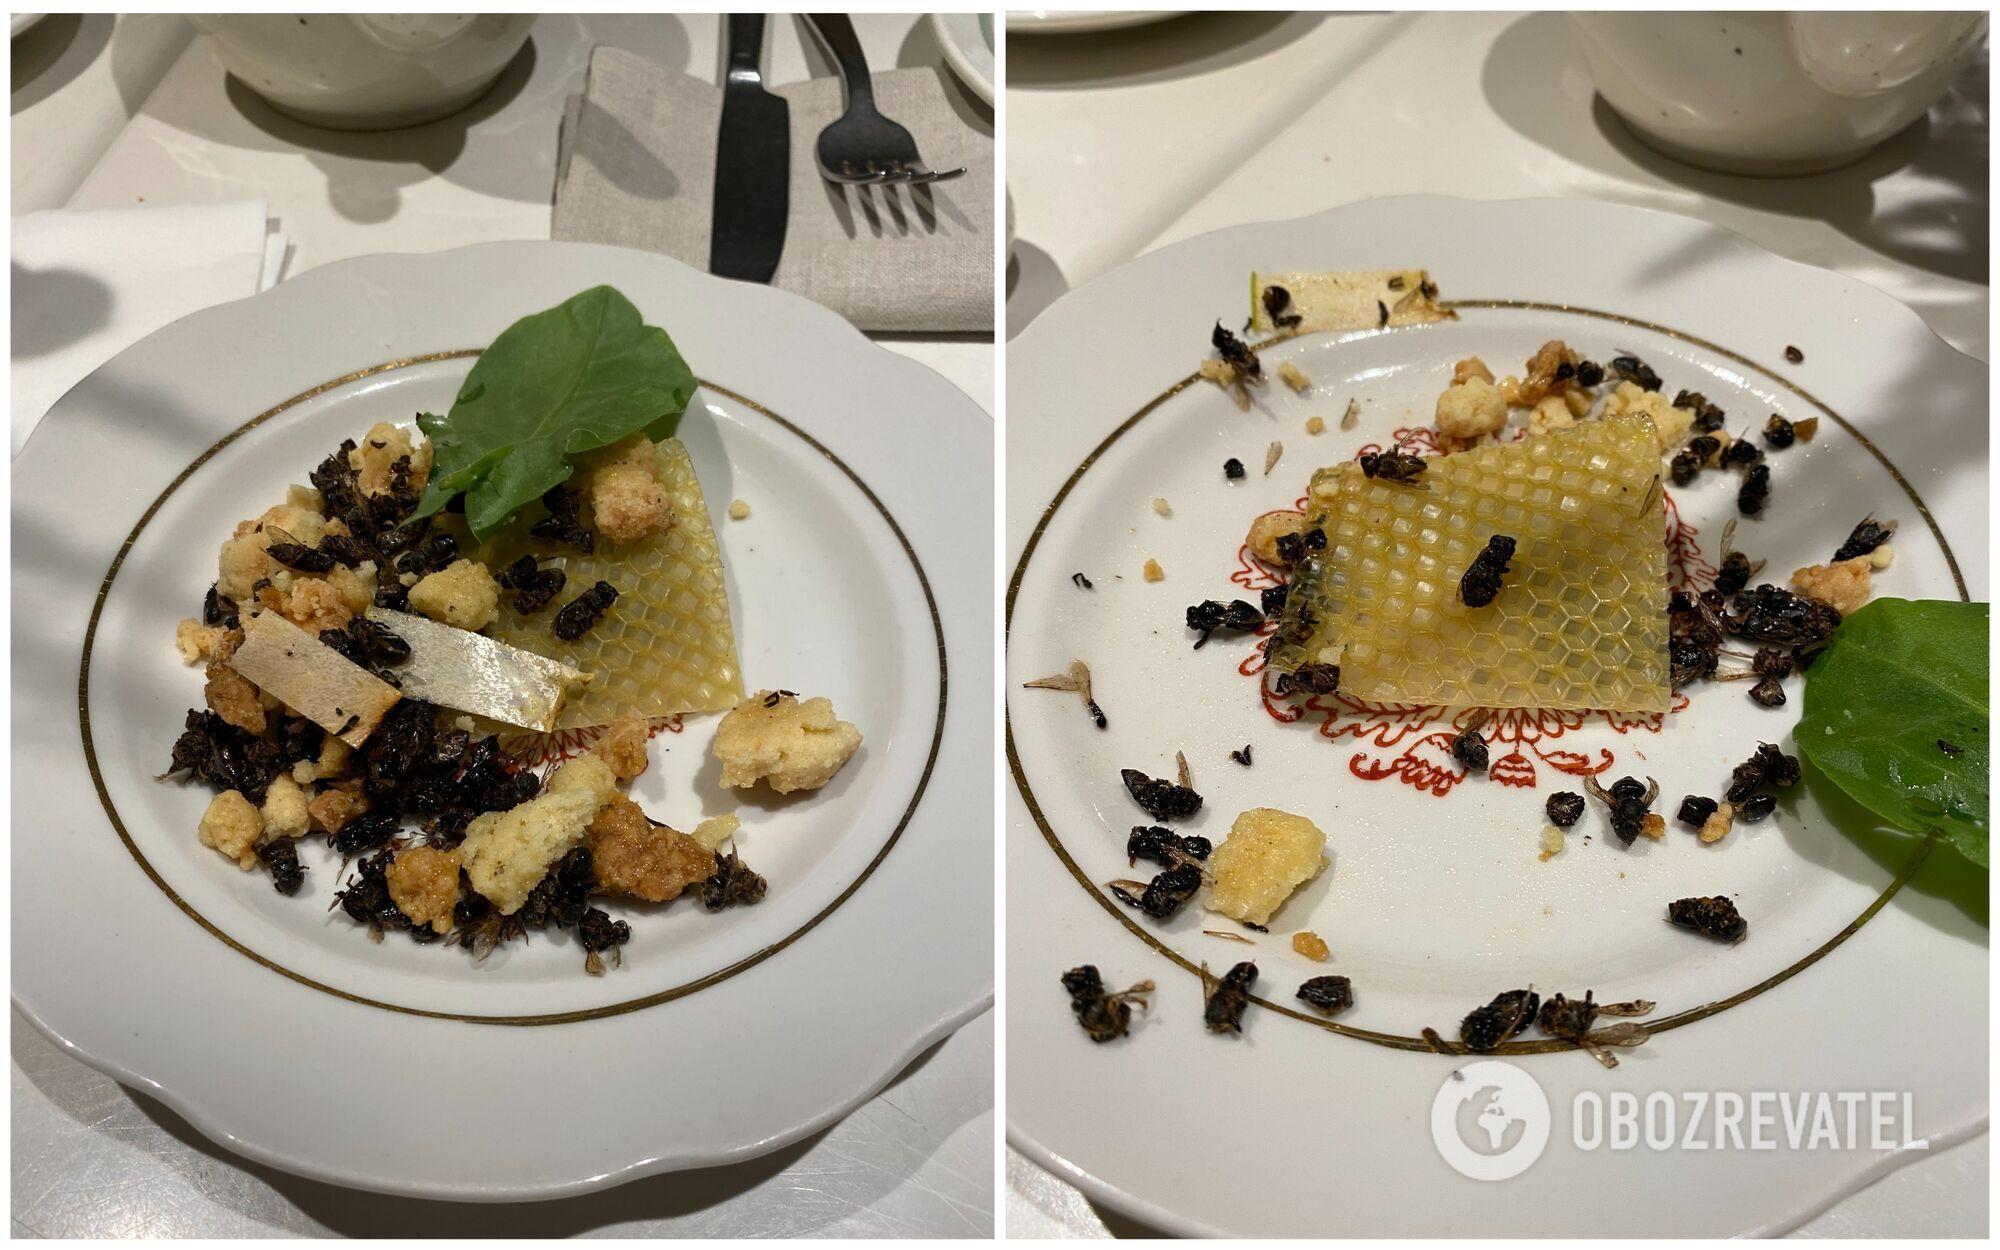 Смажені бджоли подаються прямо разом зі стільником, проте варто їсти їх дуже обережно, щоб не вколотися жалом